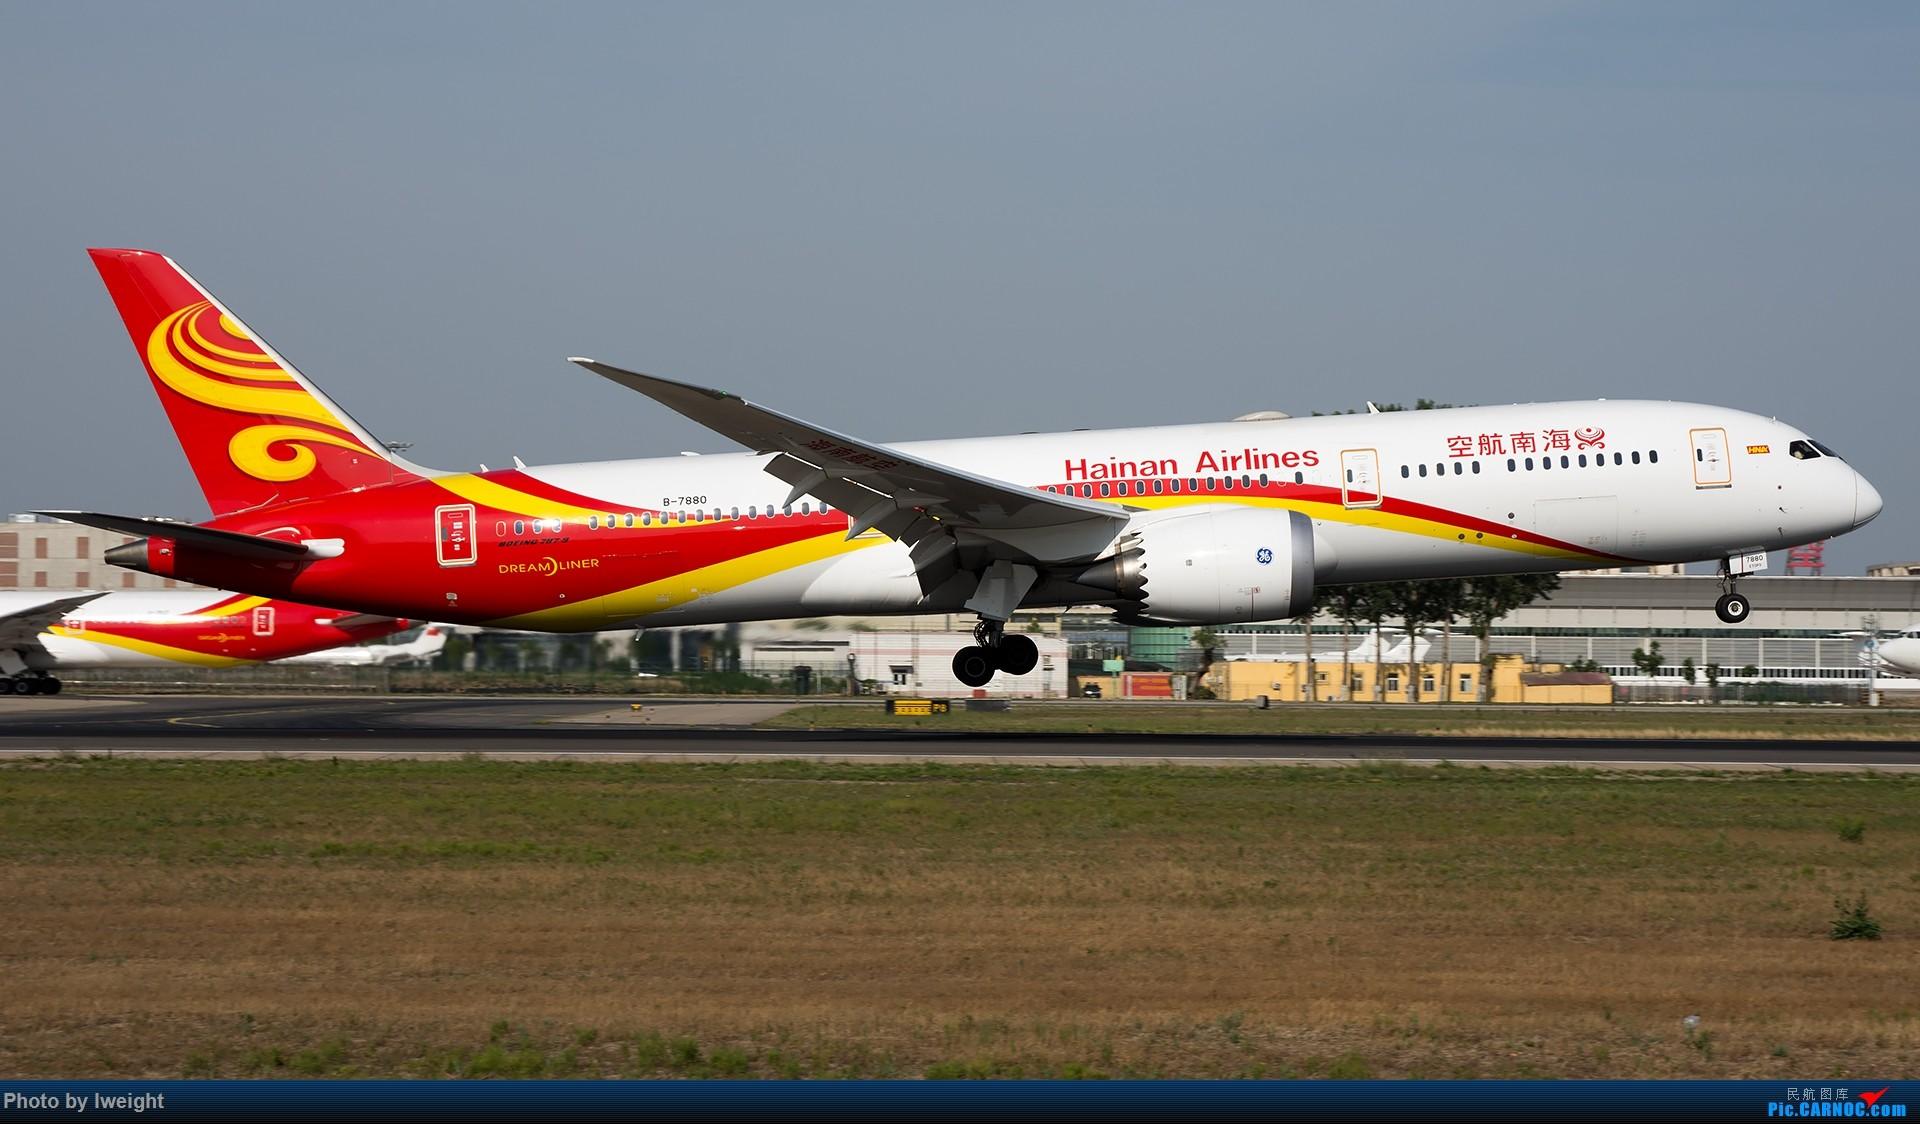 Re:[原创]很不错的天气,18R一组 BOEING 787-9 B-7880 中国北京首都国际机场